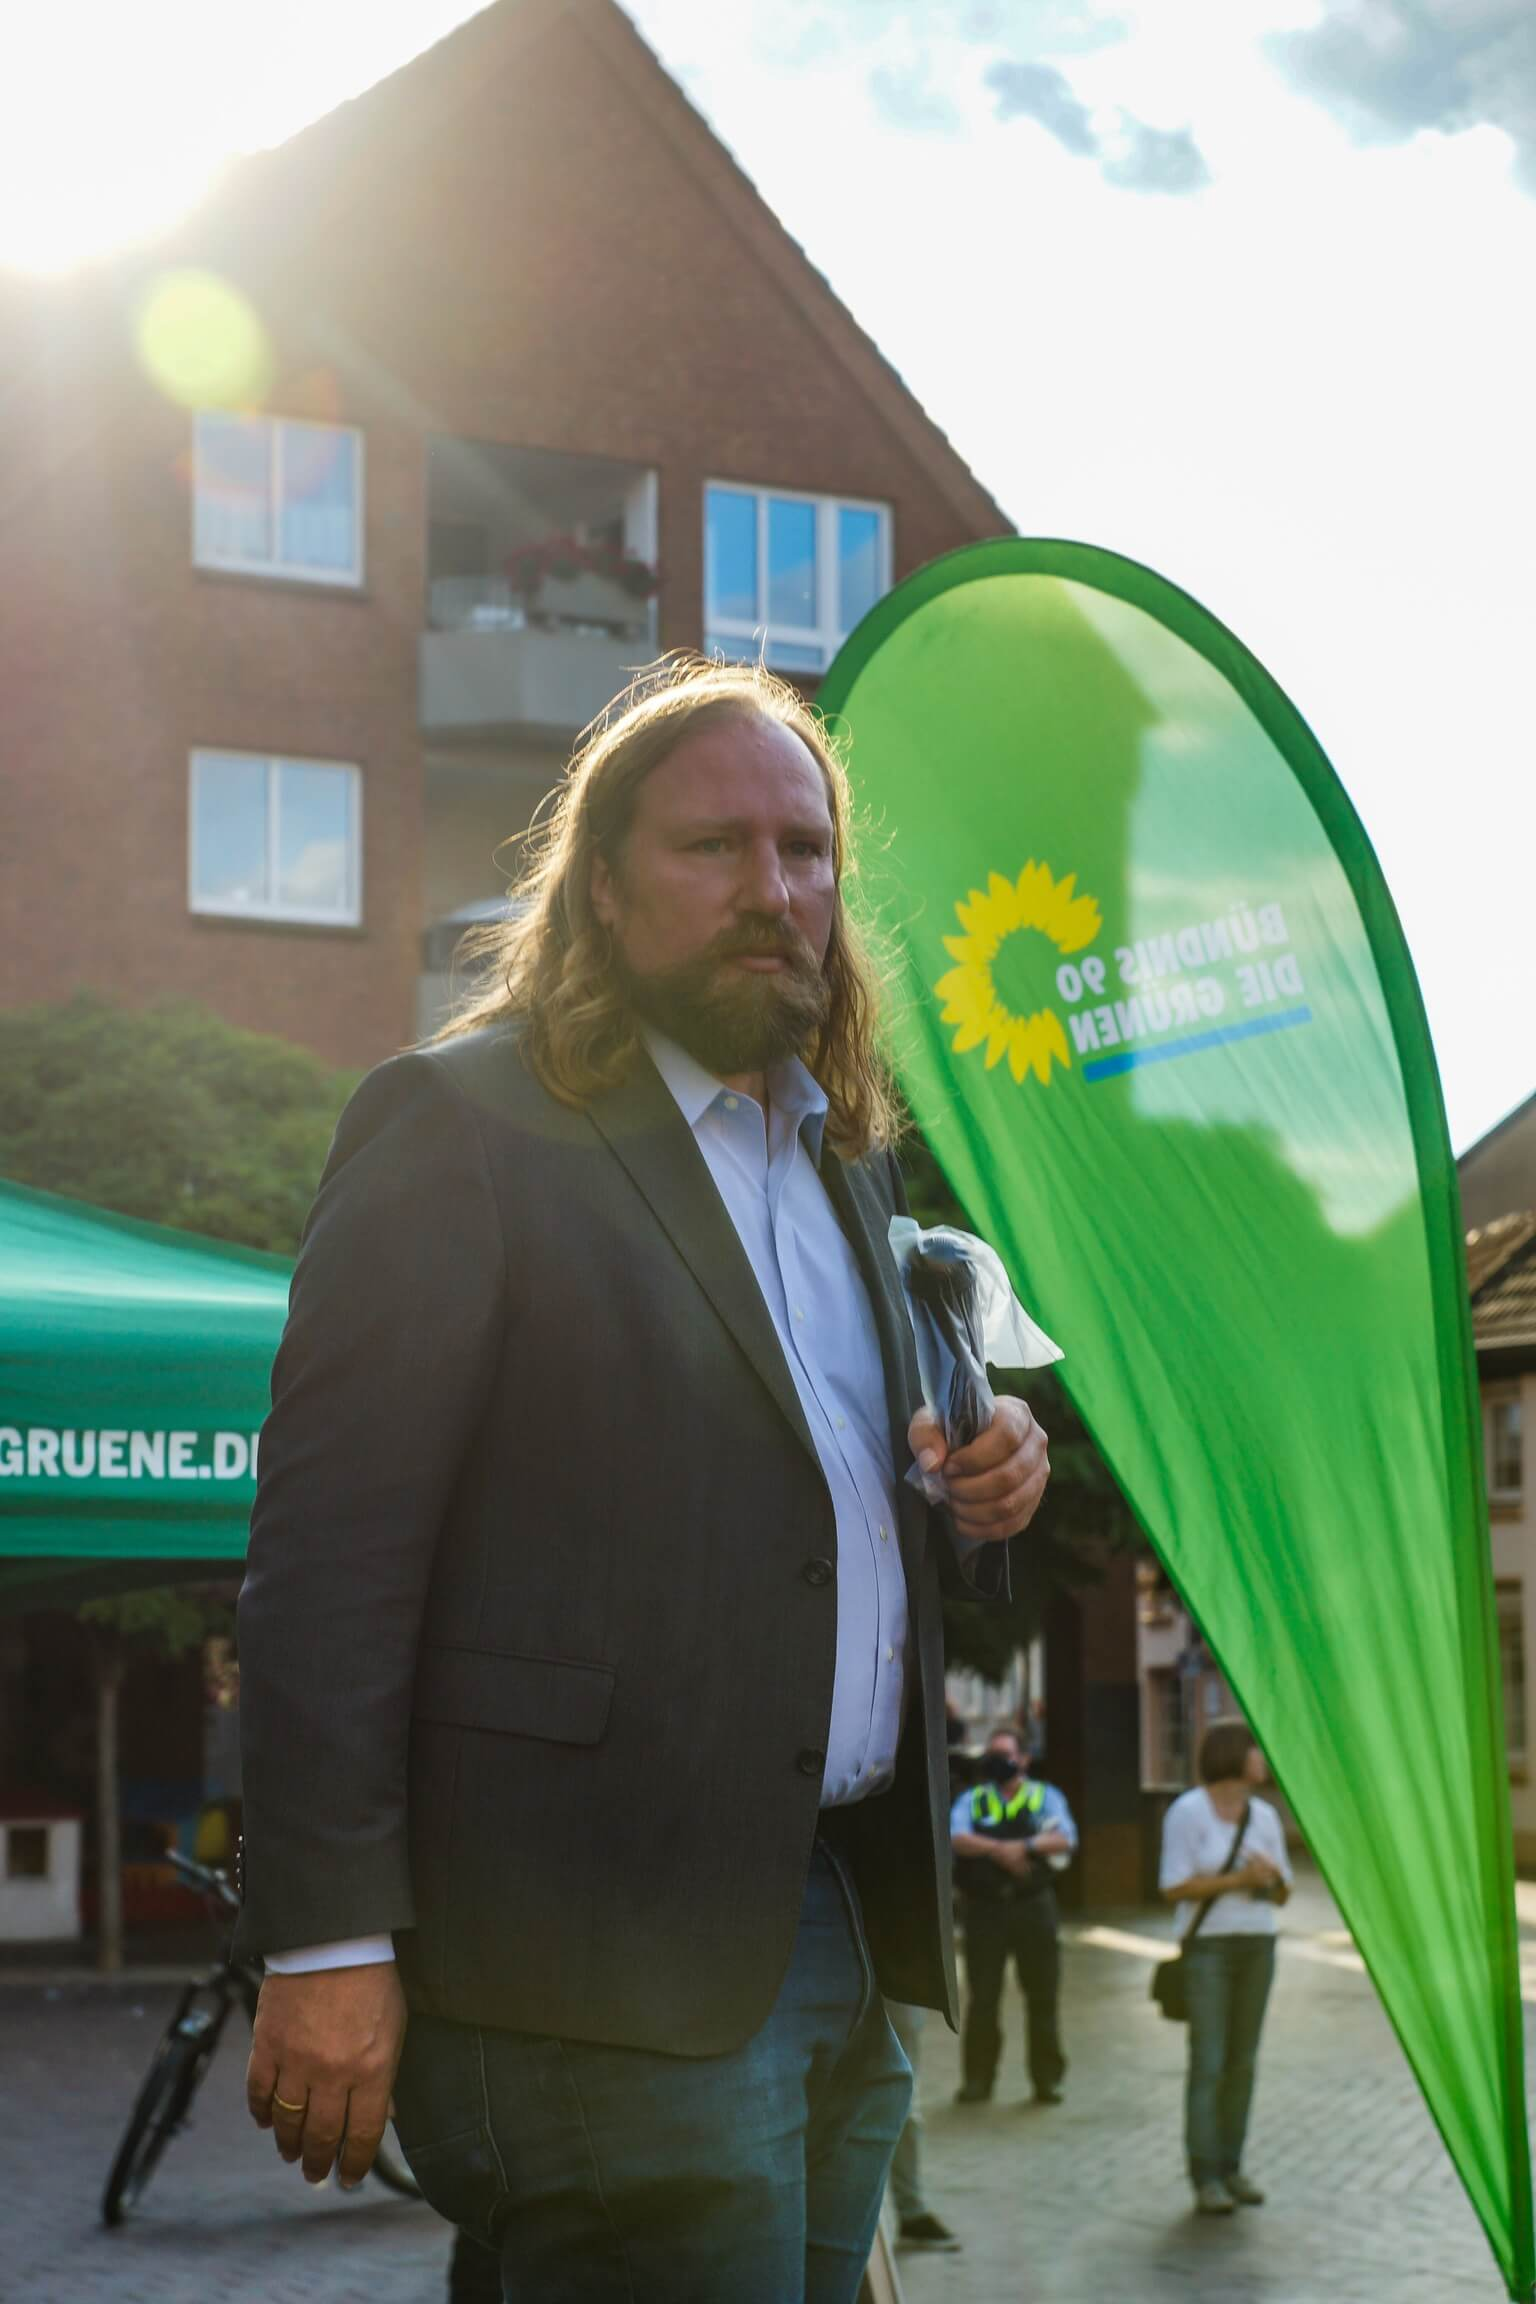 Anton Hofreiter zu Gast auf dem Altmarkt in Dinslaken